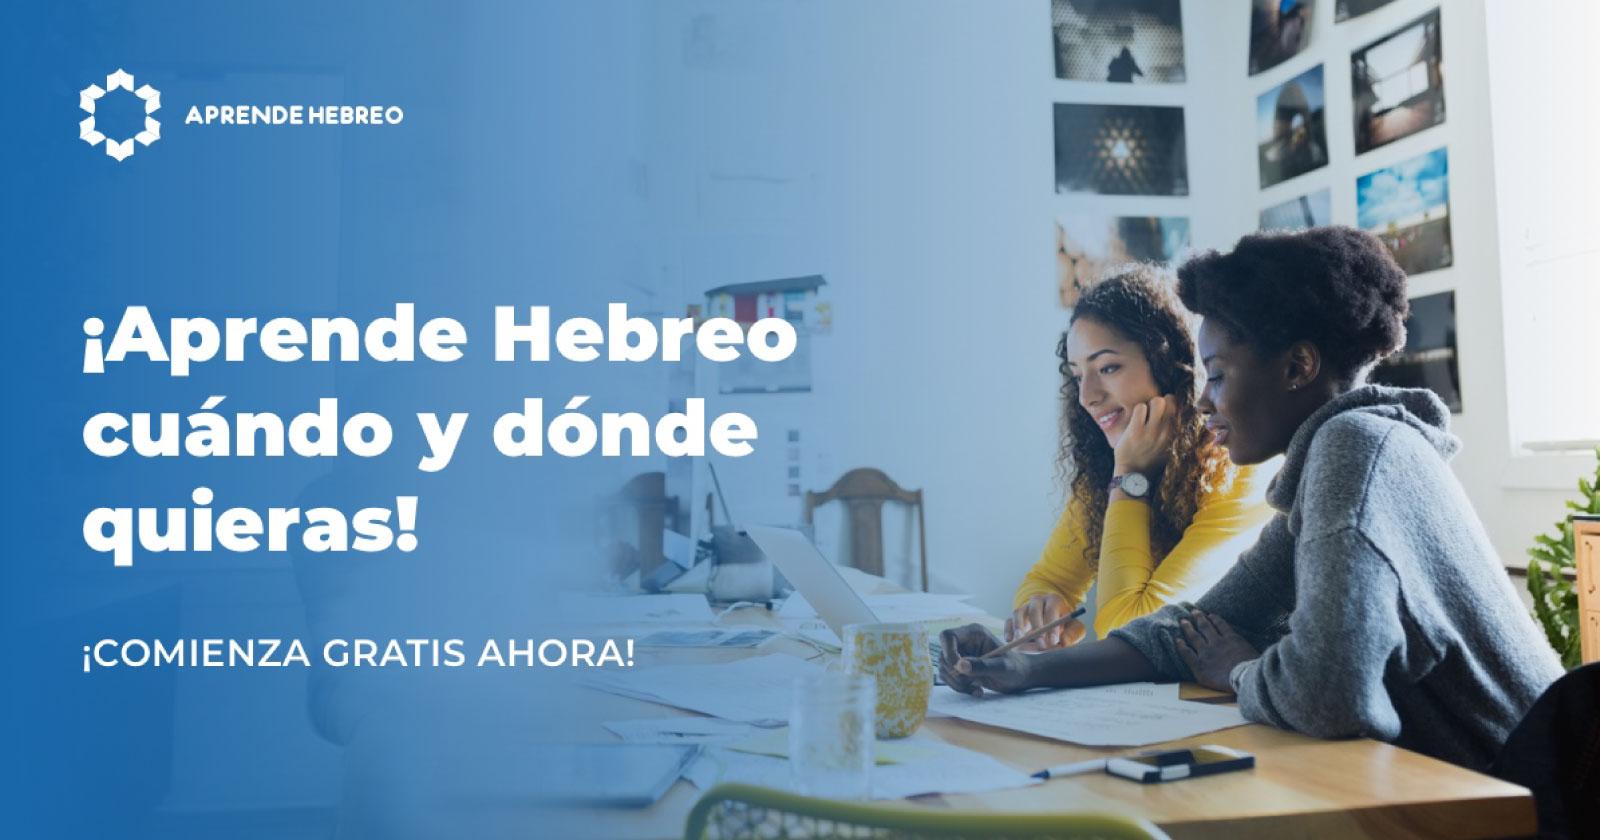 hebreo-gratis